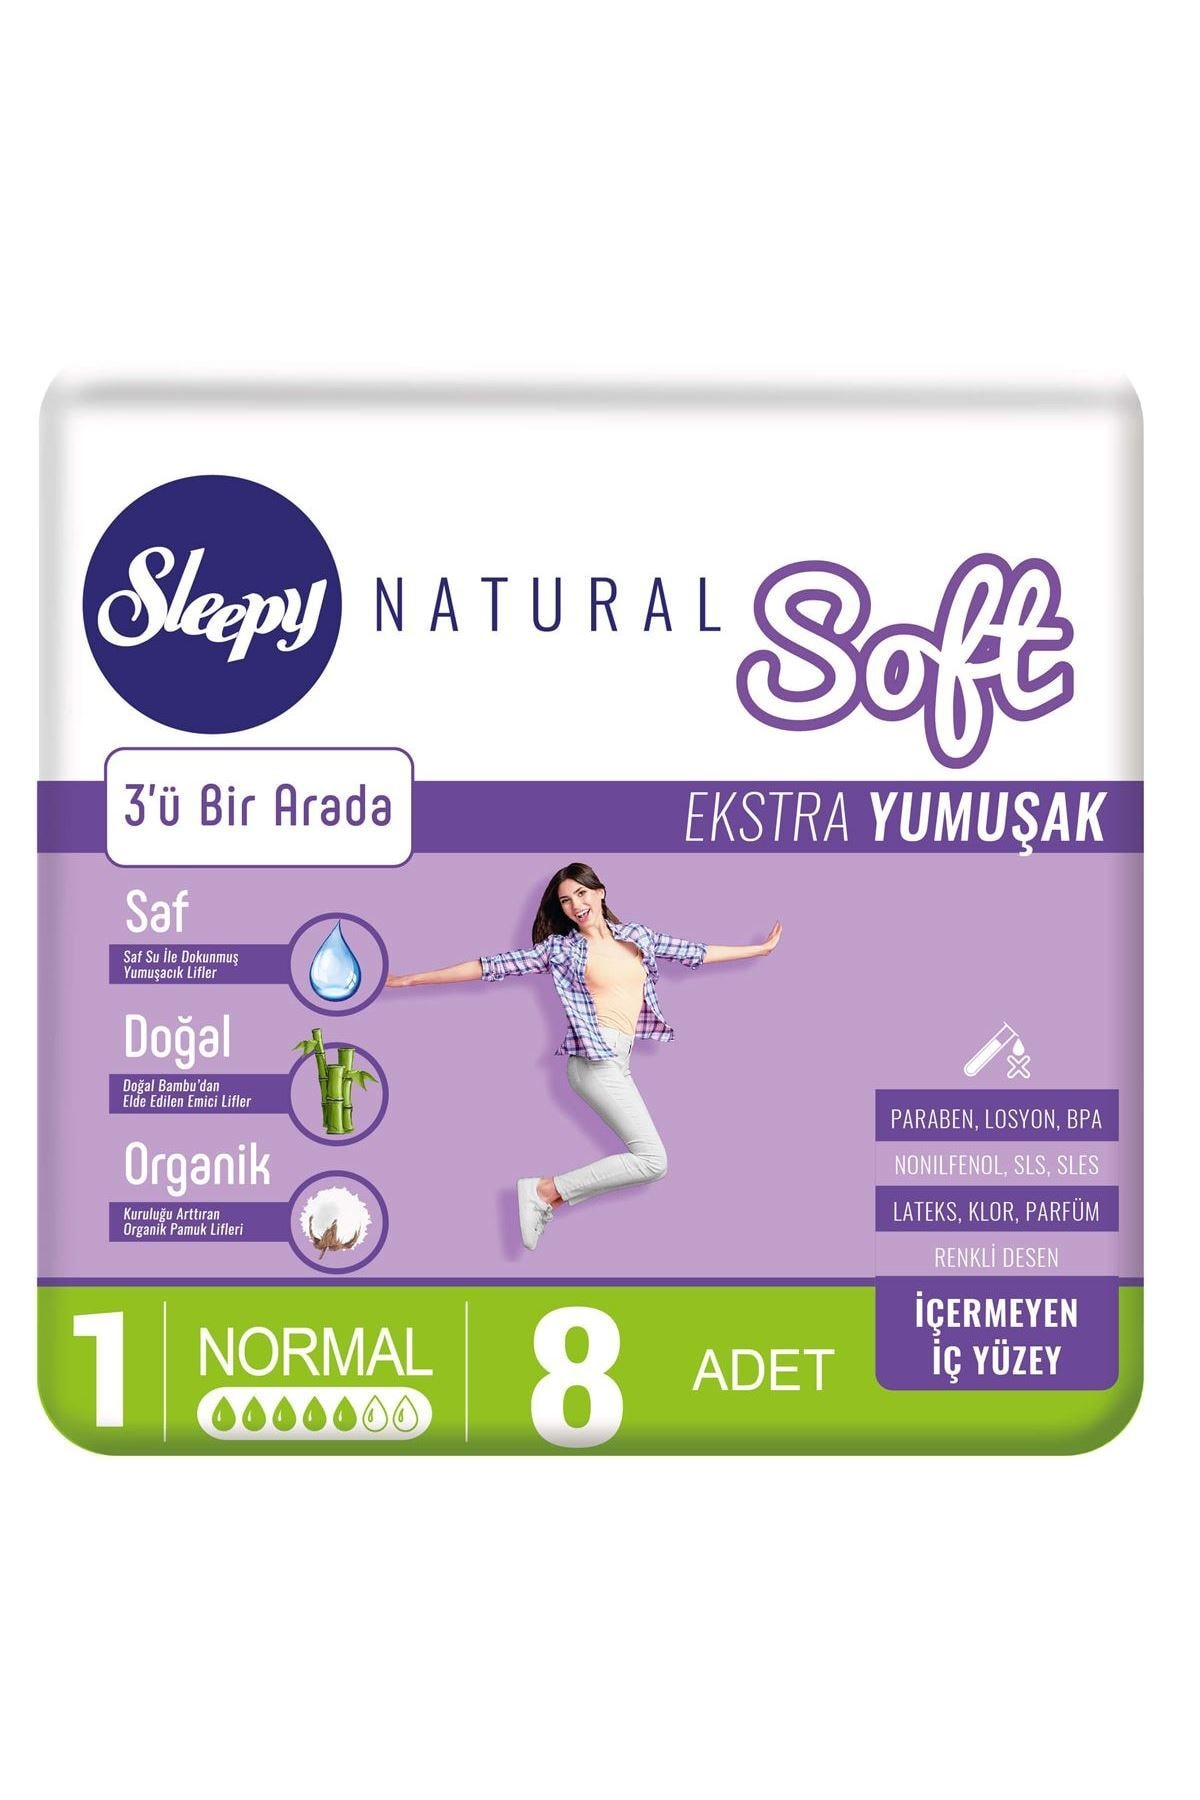 Sleepy Natural Soft Ekstra Yumuşak Normal 8 Ped